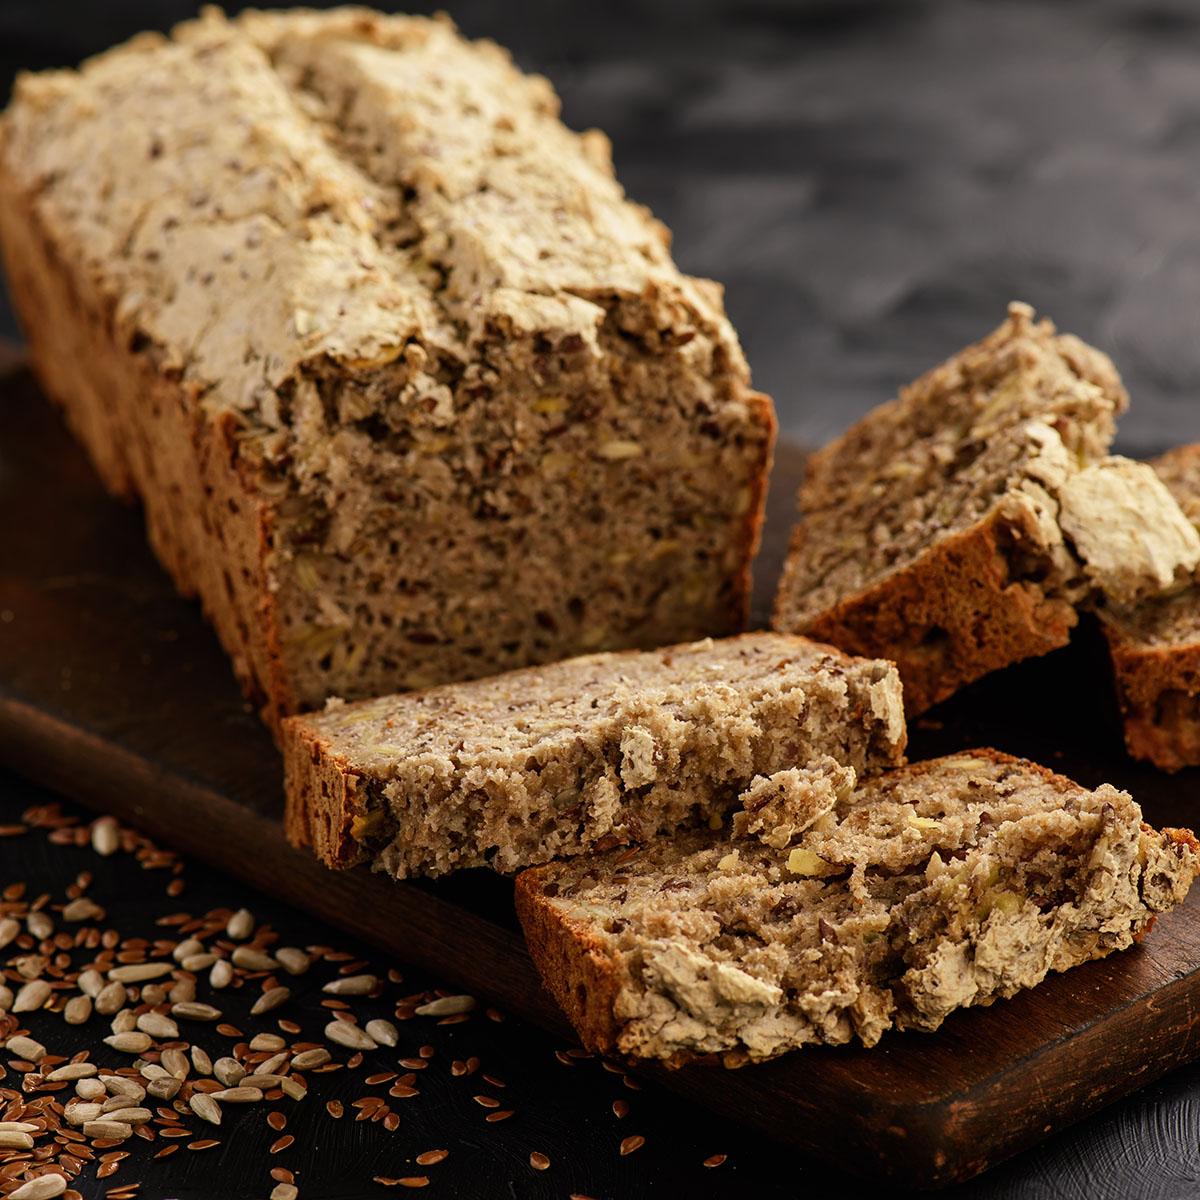 Гречневый хлеб с семенами льна, подсолнечника и тыквы